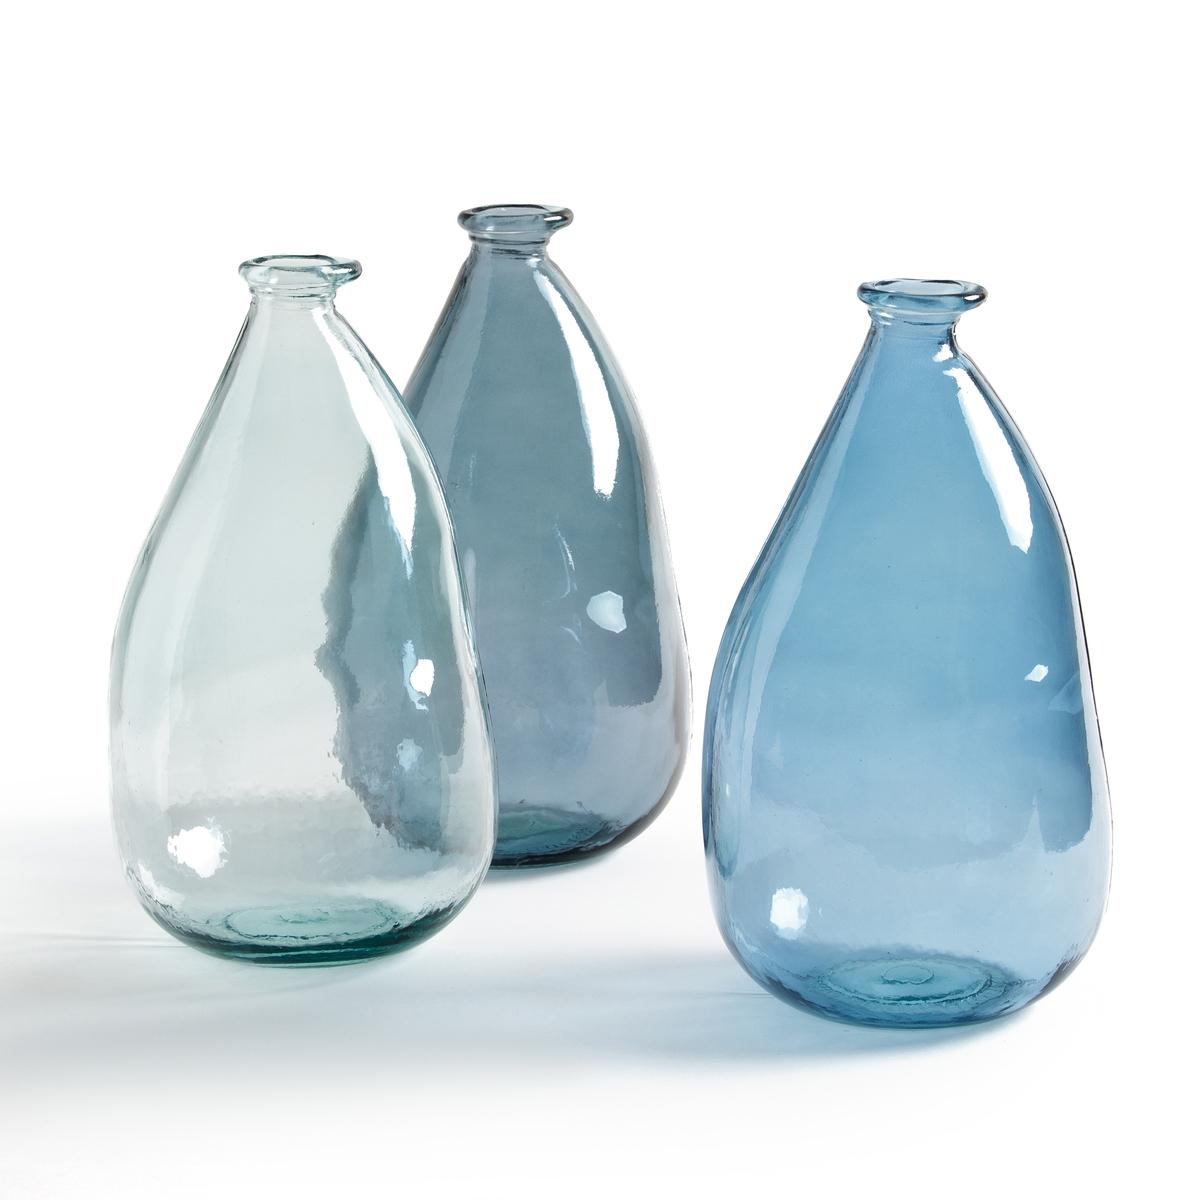 Ваза-бутыль IZOLIAНовая версия с чертами ручной работы .Внесет в ваш интерьер винтажную нотку .Характеристики вазы-бутыли Izolia :Из вторично переработанного стекла, видоизмененная форма .Размеры вазы-бутыли Izolia : - Высота : 36 см.- ? 20 см .Найдите нашу коллекцию IZOLIA а также предметы декора на нашем сайте.<br><br>Цвет: синий,стеклянный крашеный,темно-синий<br>Размер: единый размер.единый размер.единый размер